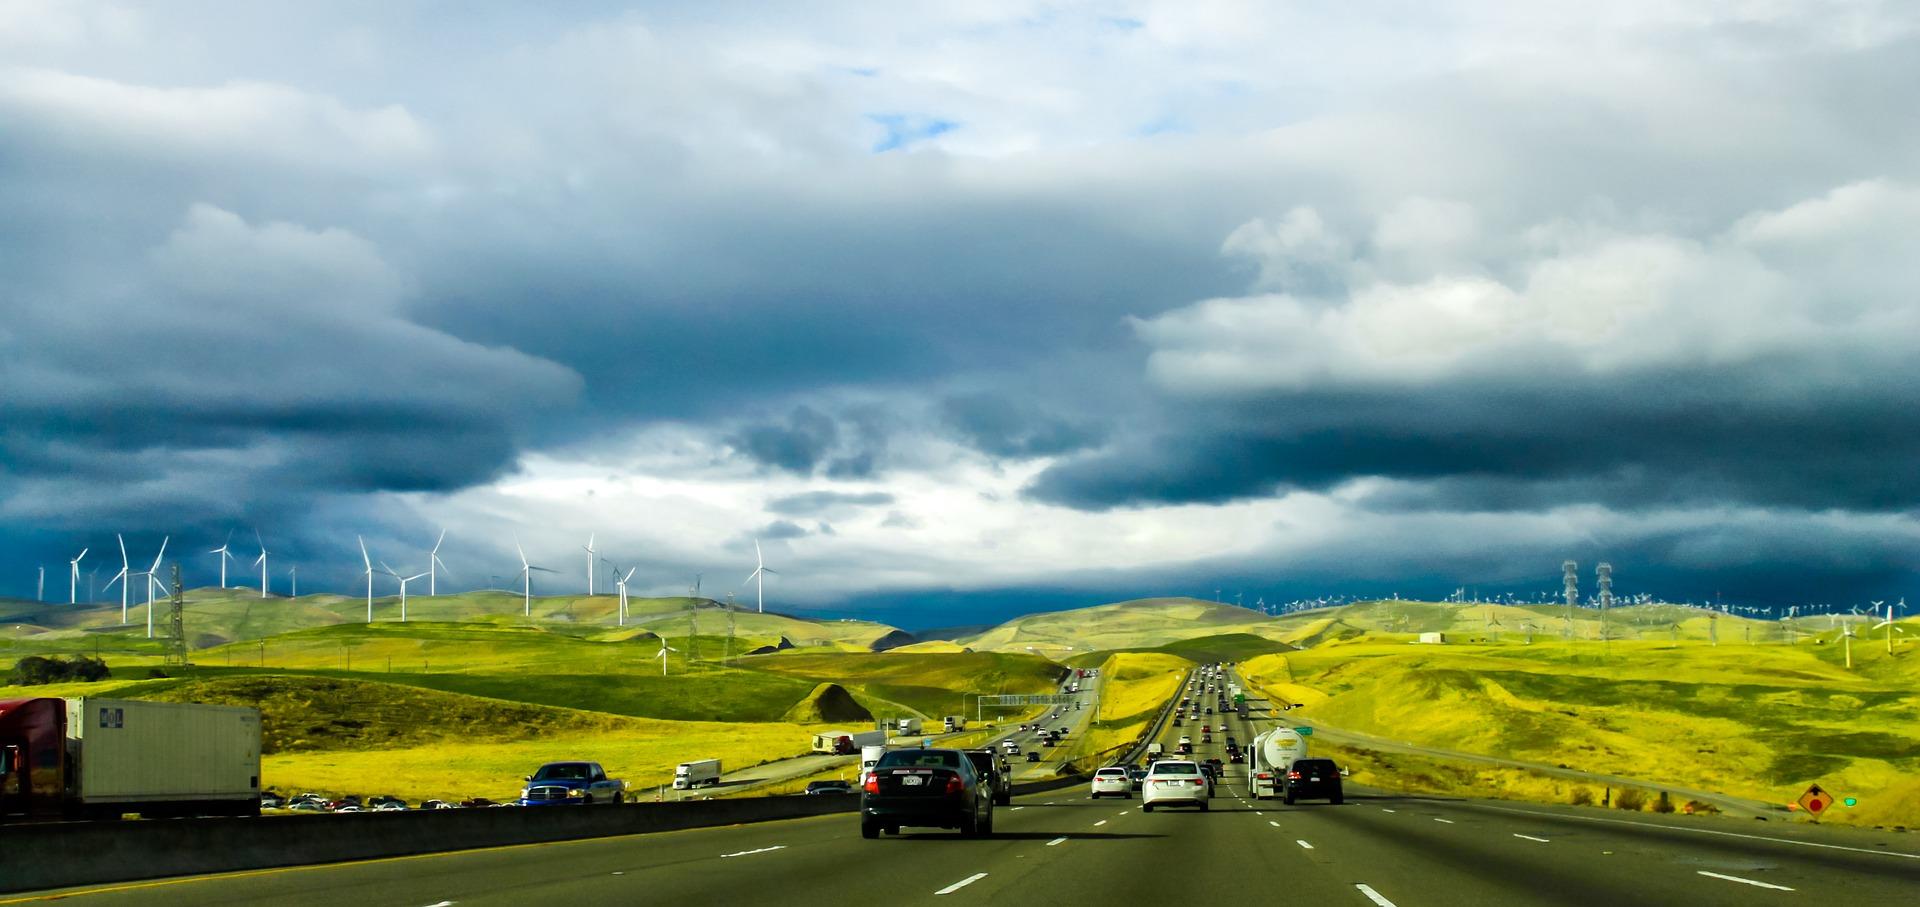 Bev Energie Glaubt Wegen Elektroautos Nicht An Mehr